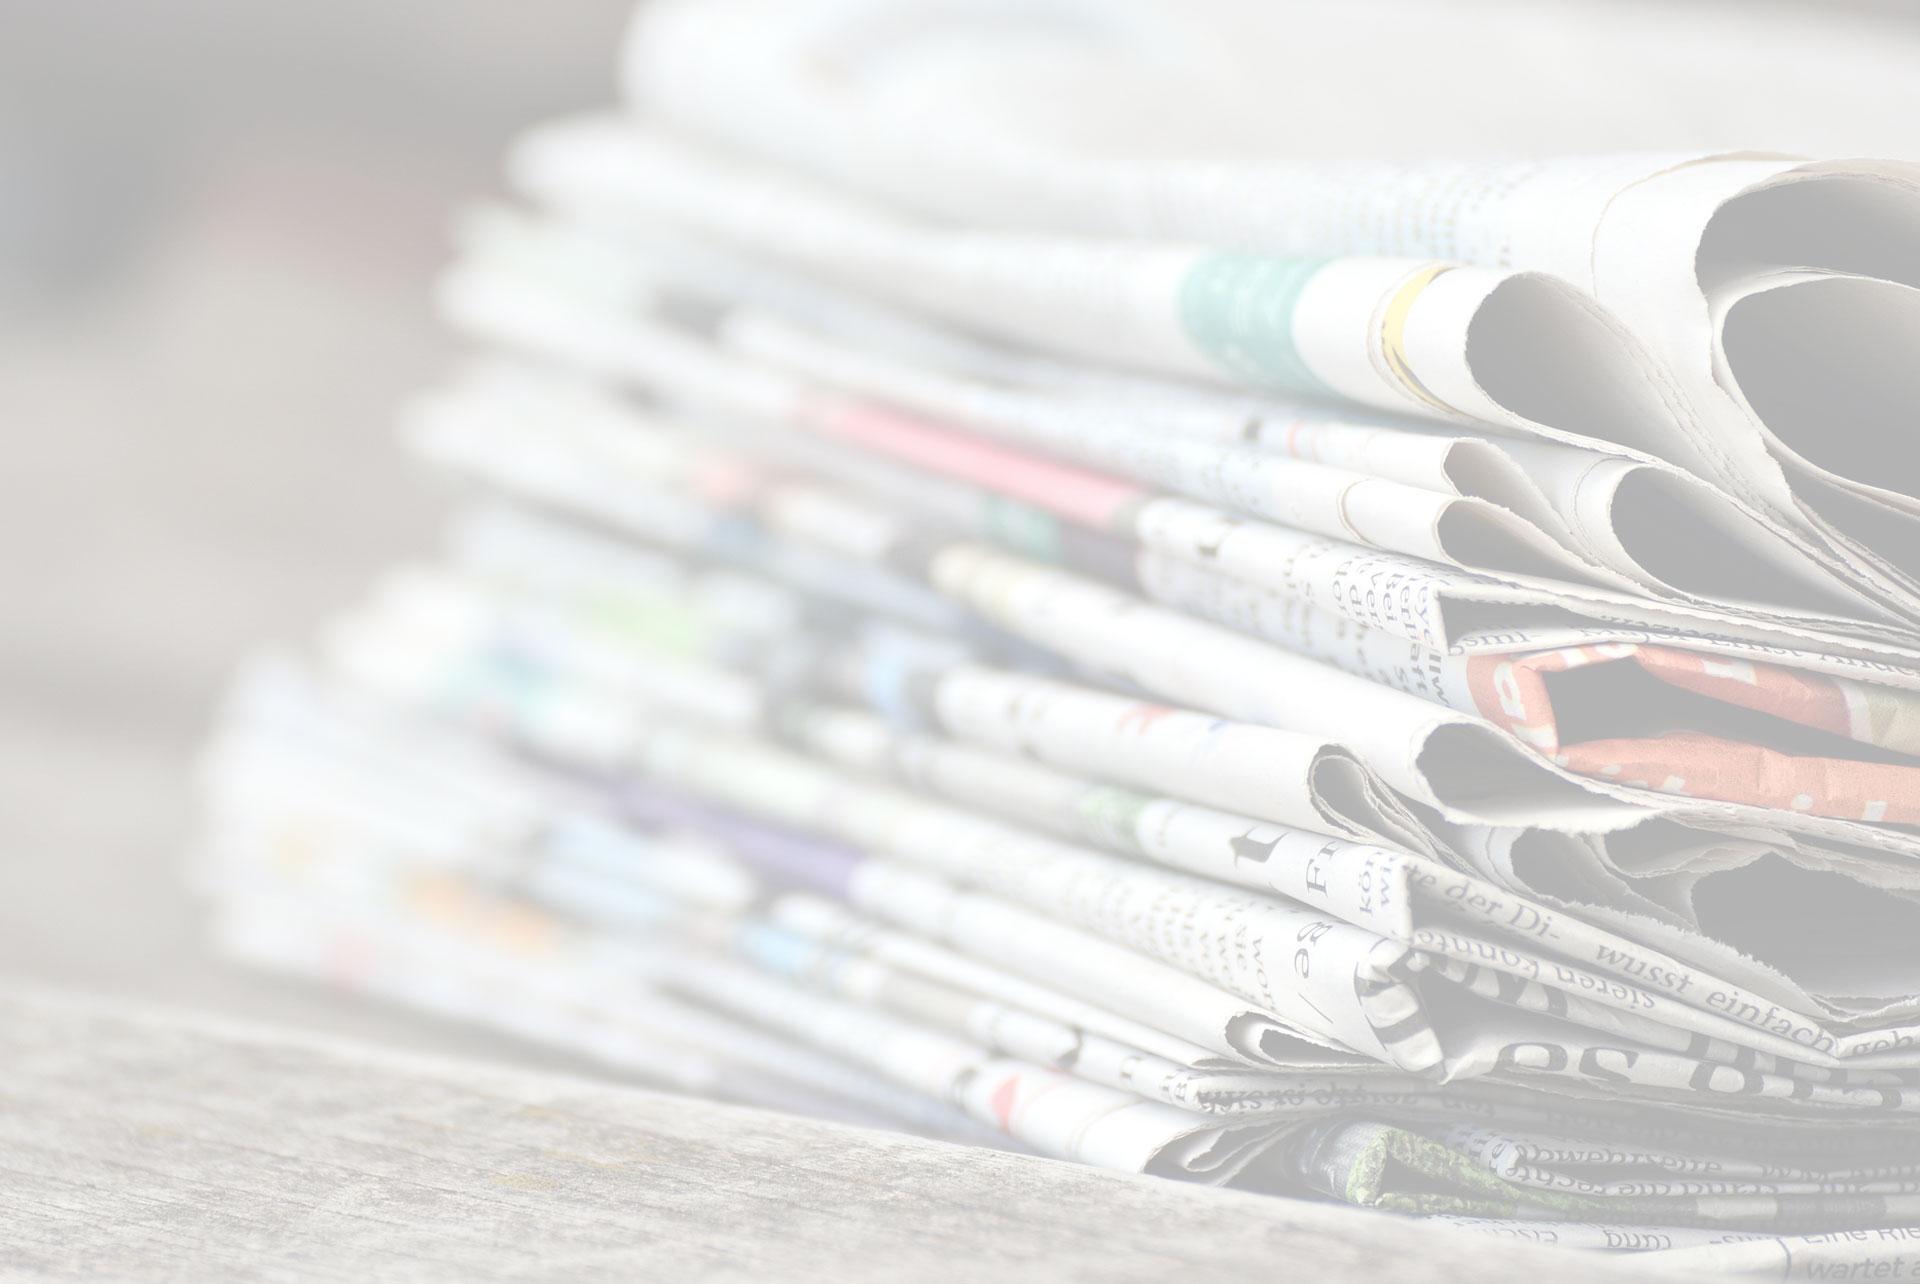 annullamento viaggio agenzia